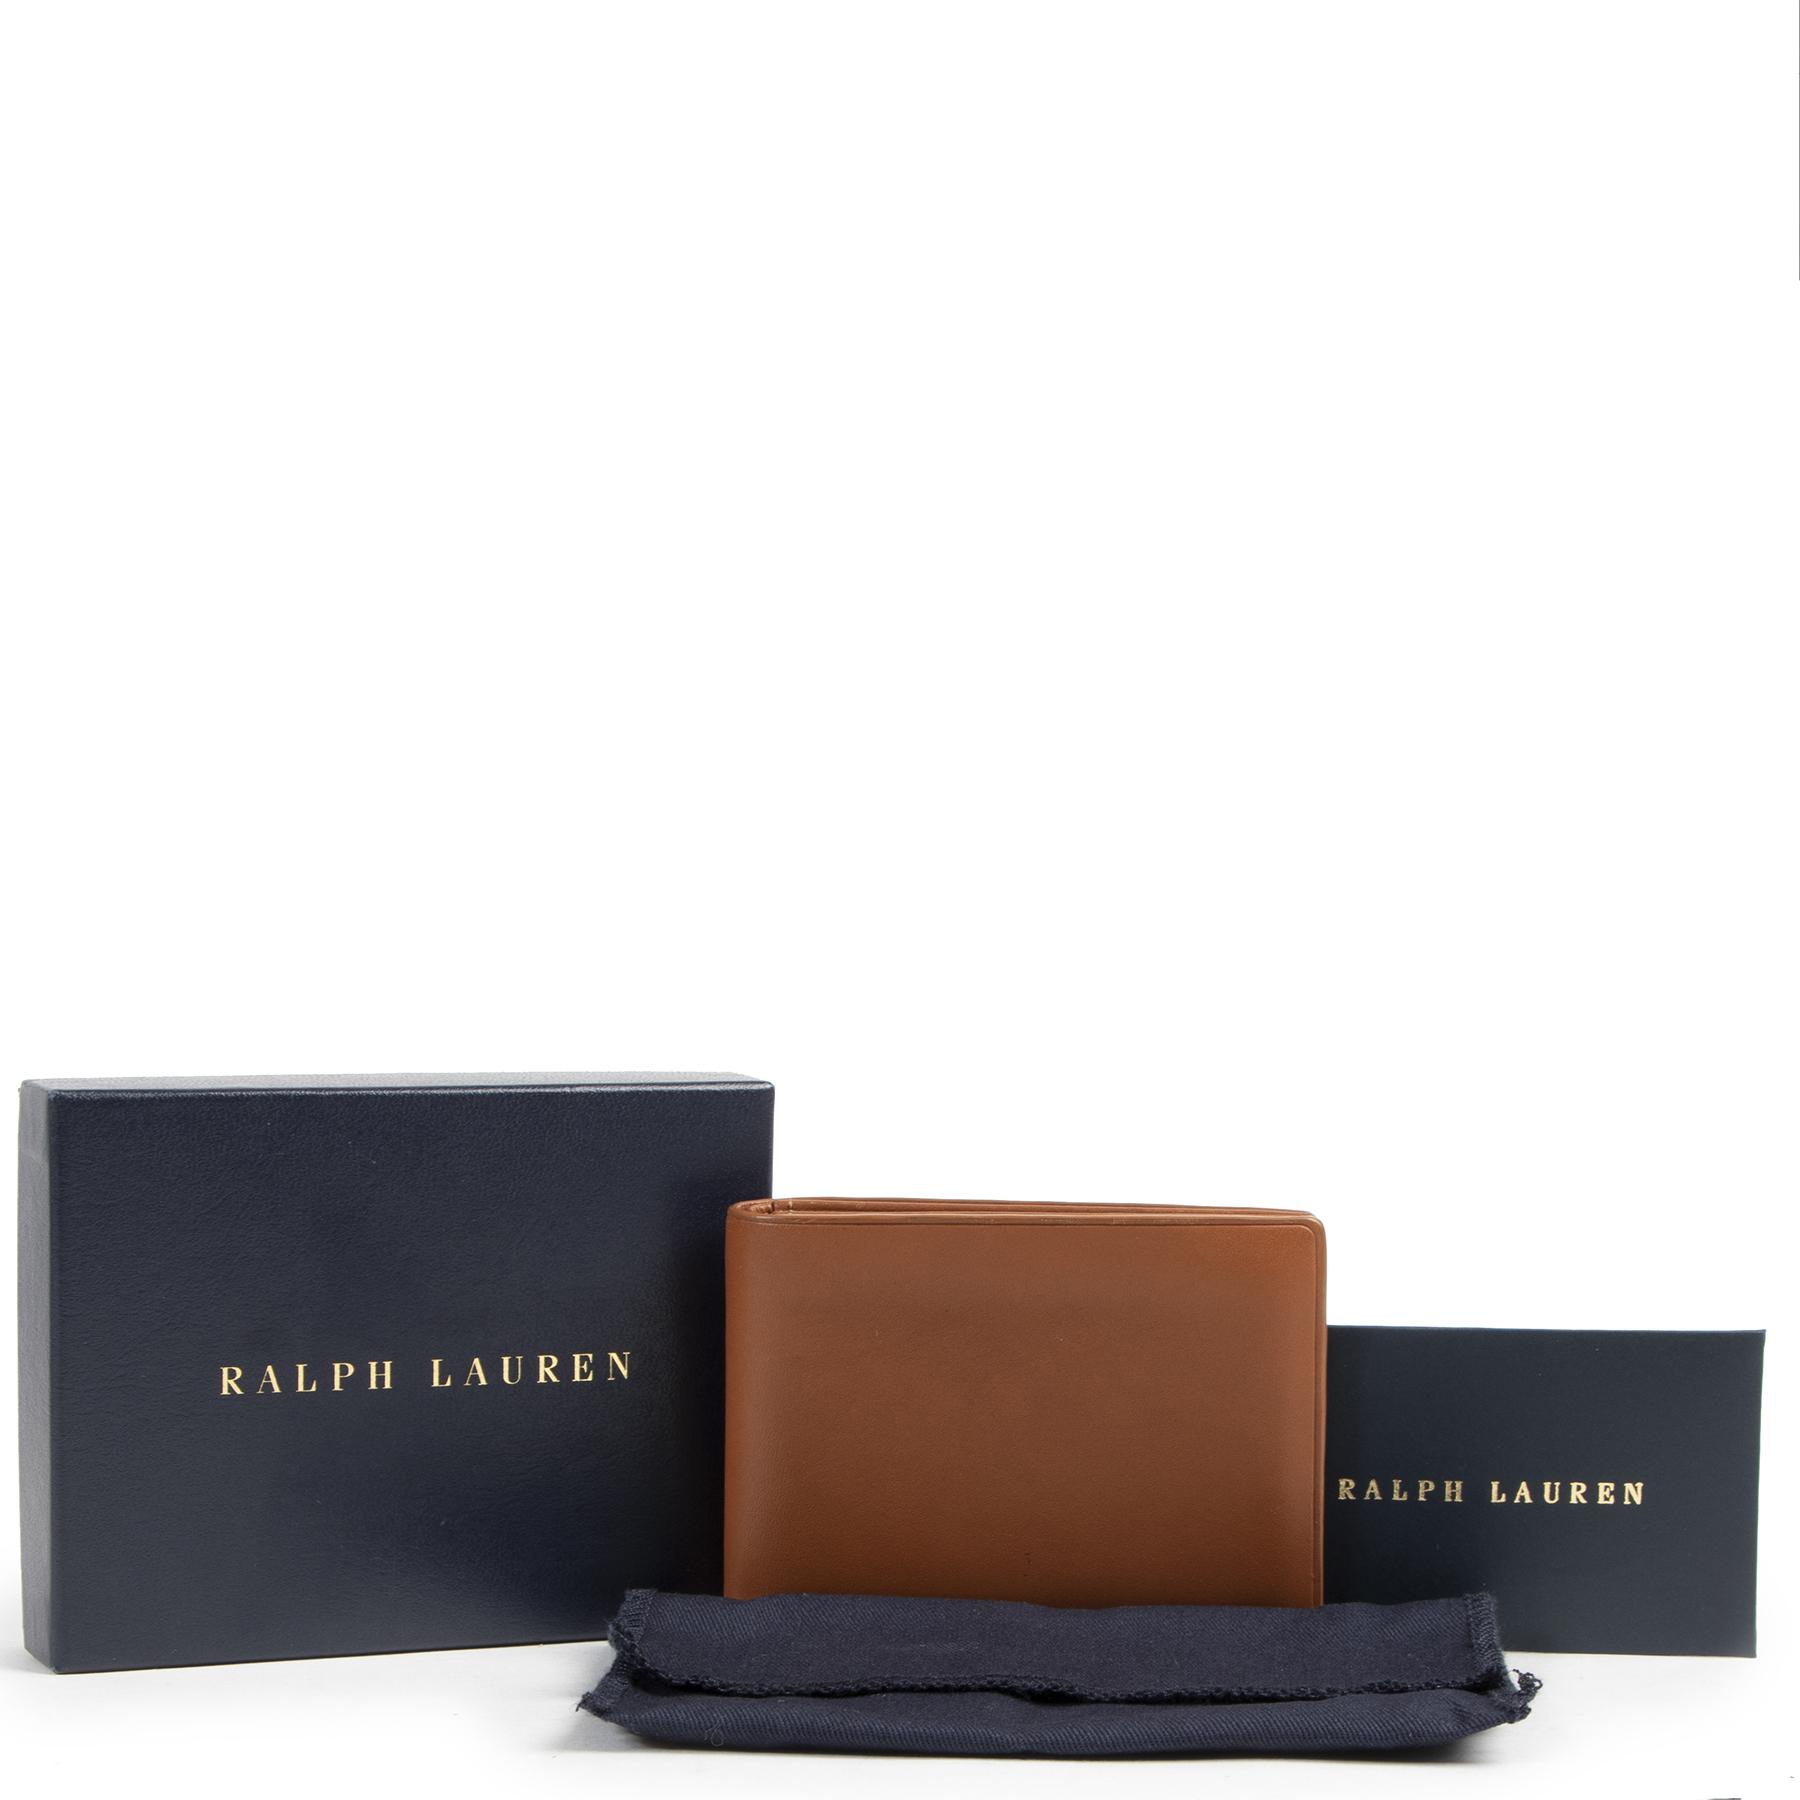 Authentieke tweedehands Ralph Lauren kaarthouder juiste prijs veilig online winkelen Antwerpen België mode fashion LabelLOV